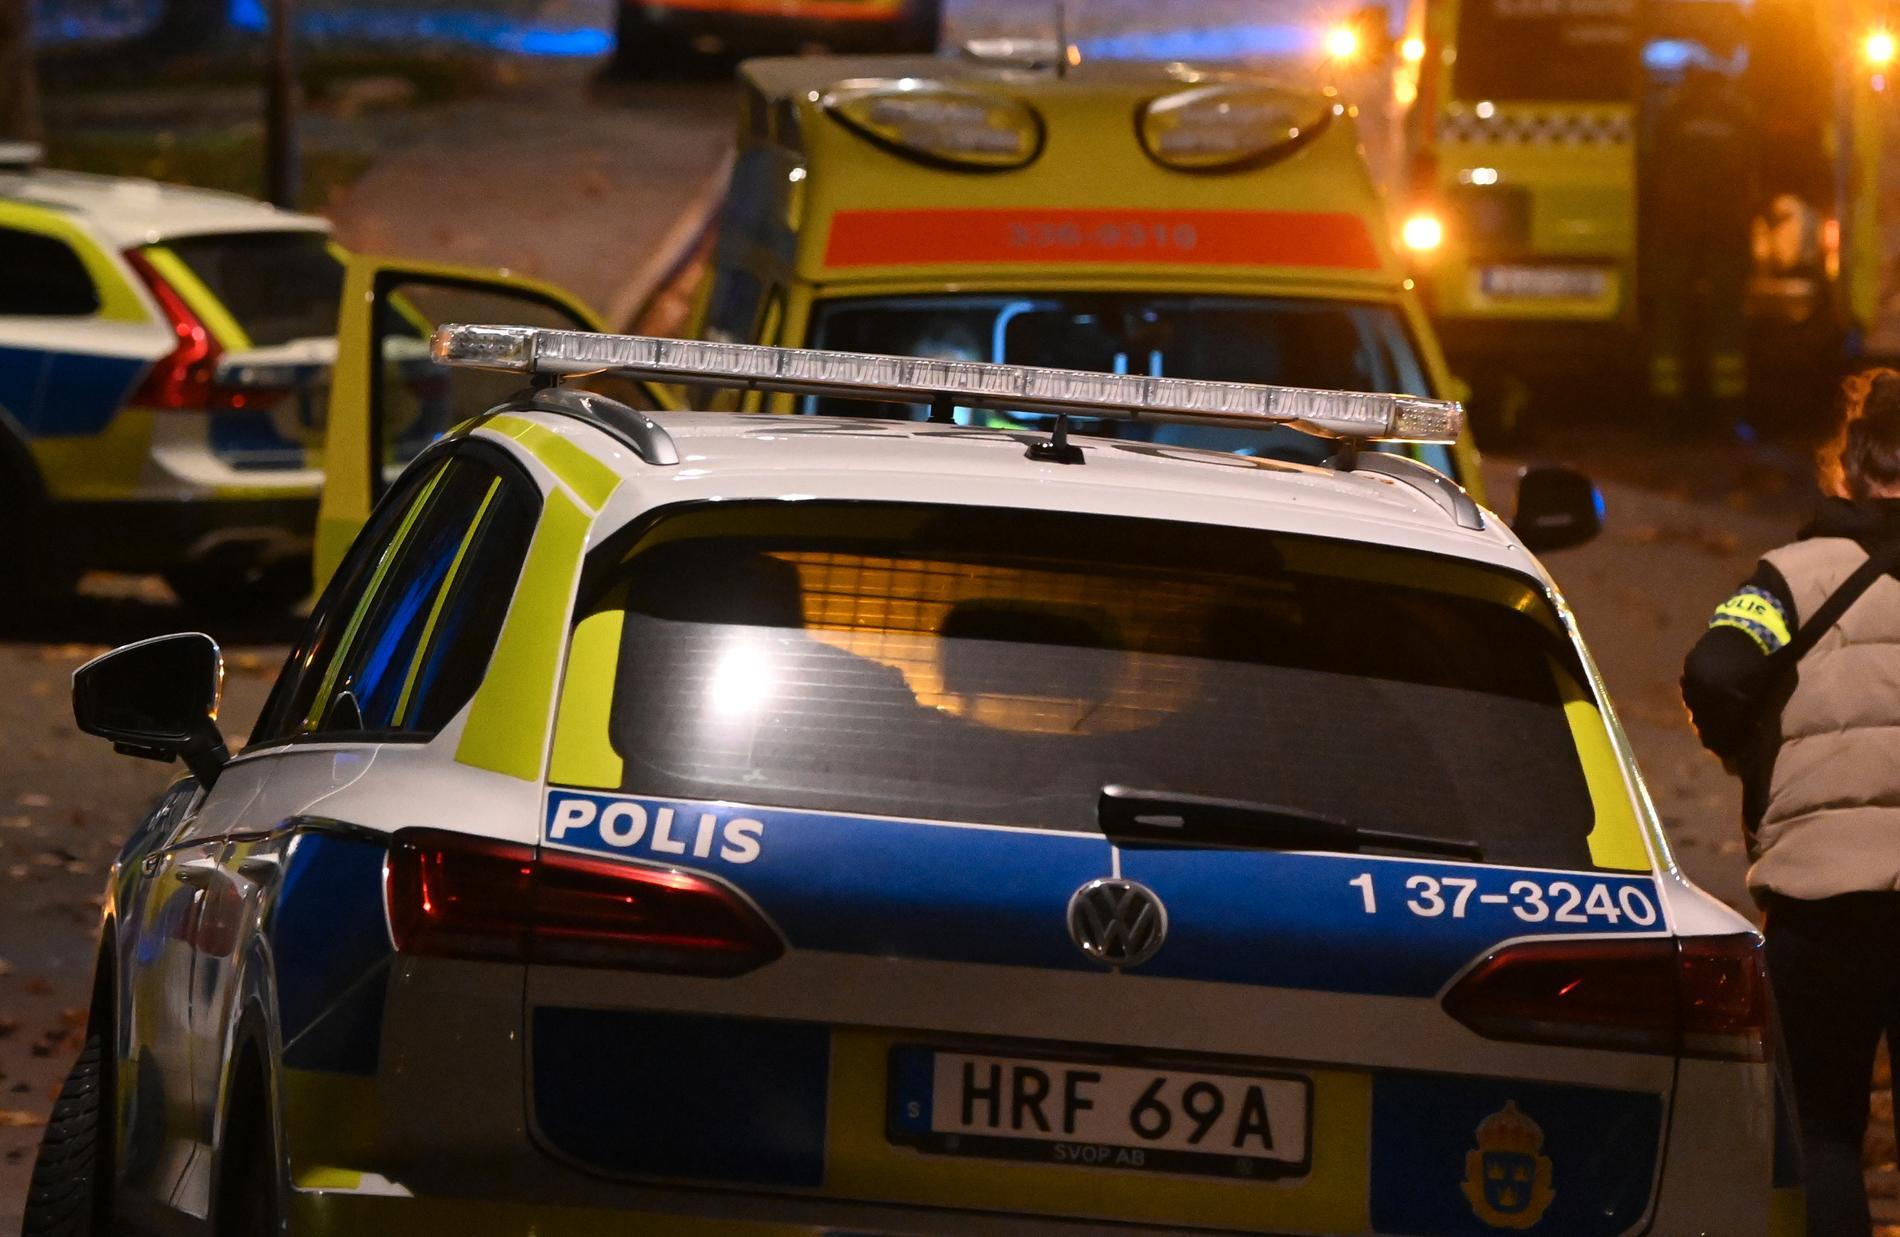 Två personer sköts. En man dog och en pojke vårdas på sjukhus.